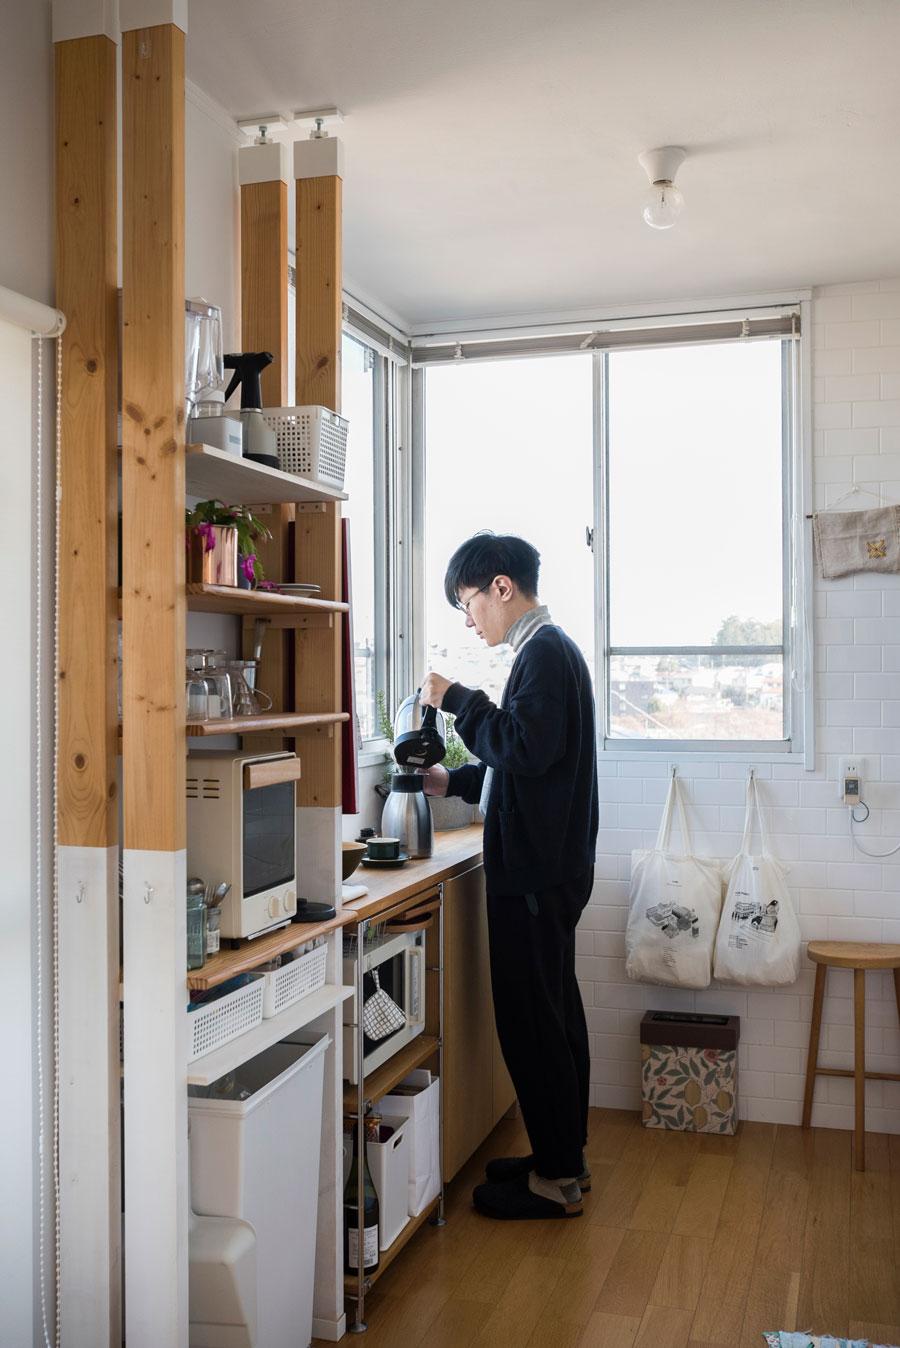 キッチンでコーヒーを淹れる識史さん。棚はちょうど合うものが見つからないので、突っ張り棒LABRICOで簡易的に設置。これが意外とよかった。